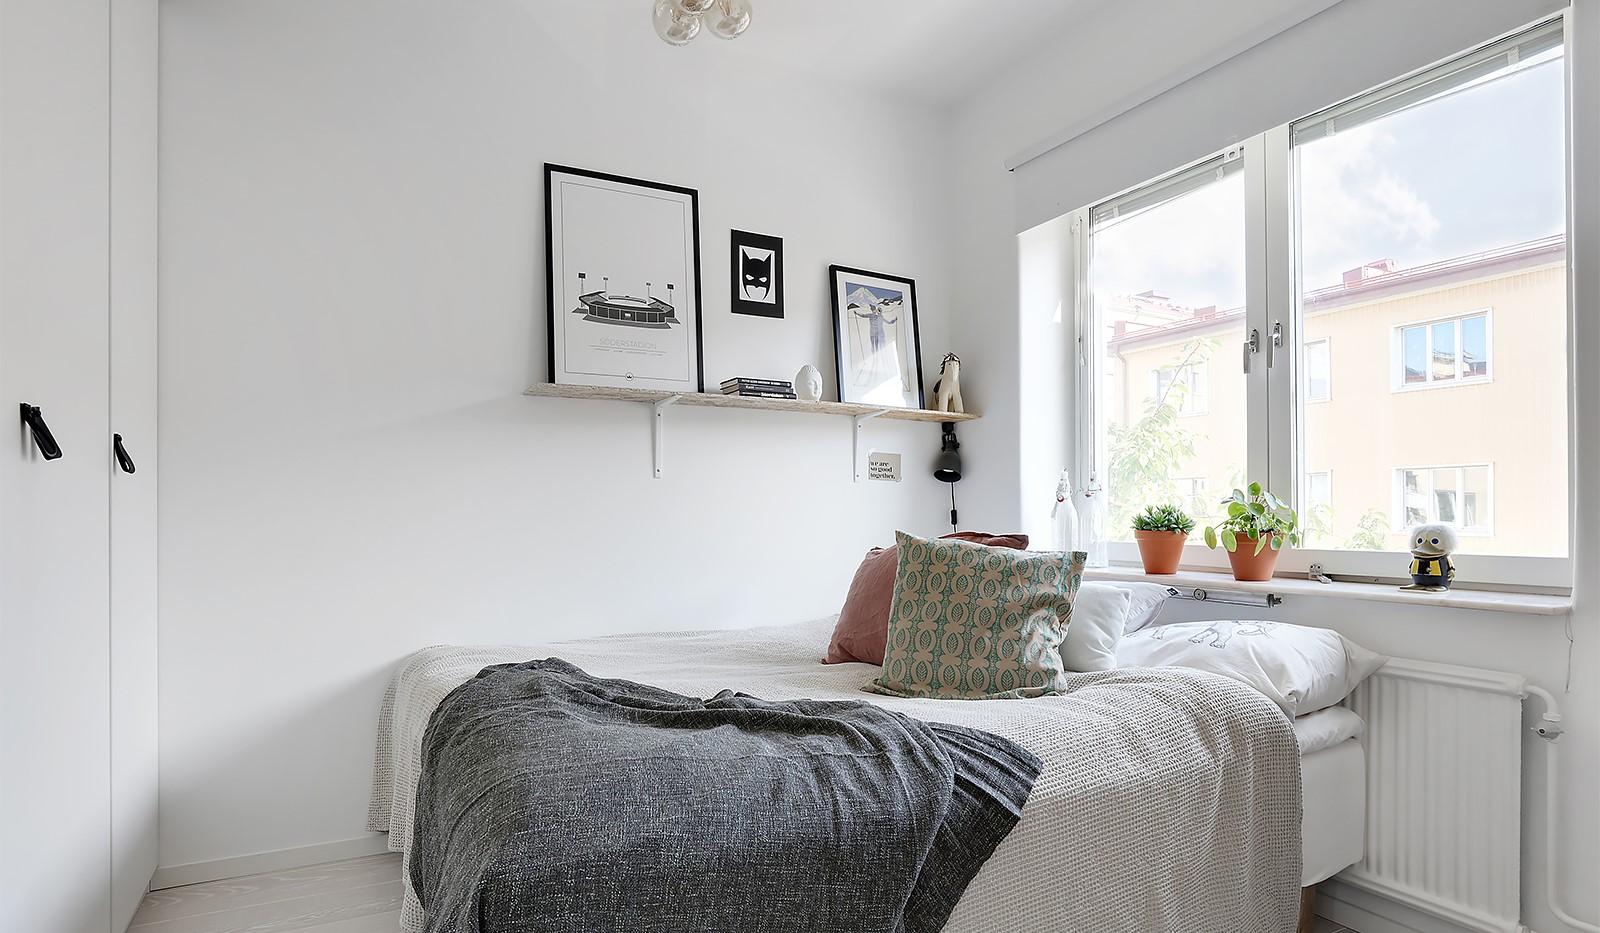 Råggatan 8, 1,5 tr - I sovrummet ryms en dubbelsäng och det finns förvaringsmöjligheter i flera garderober